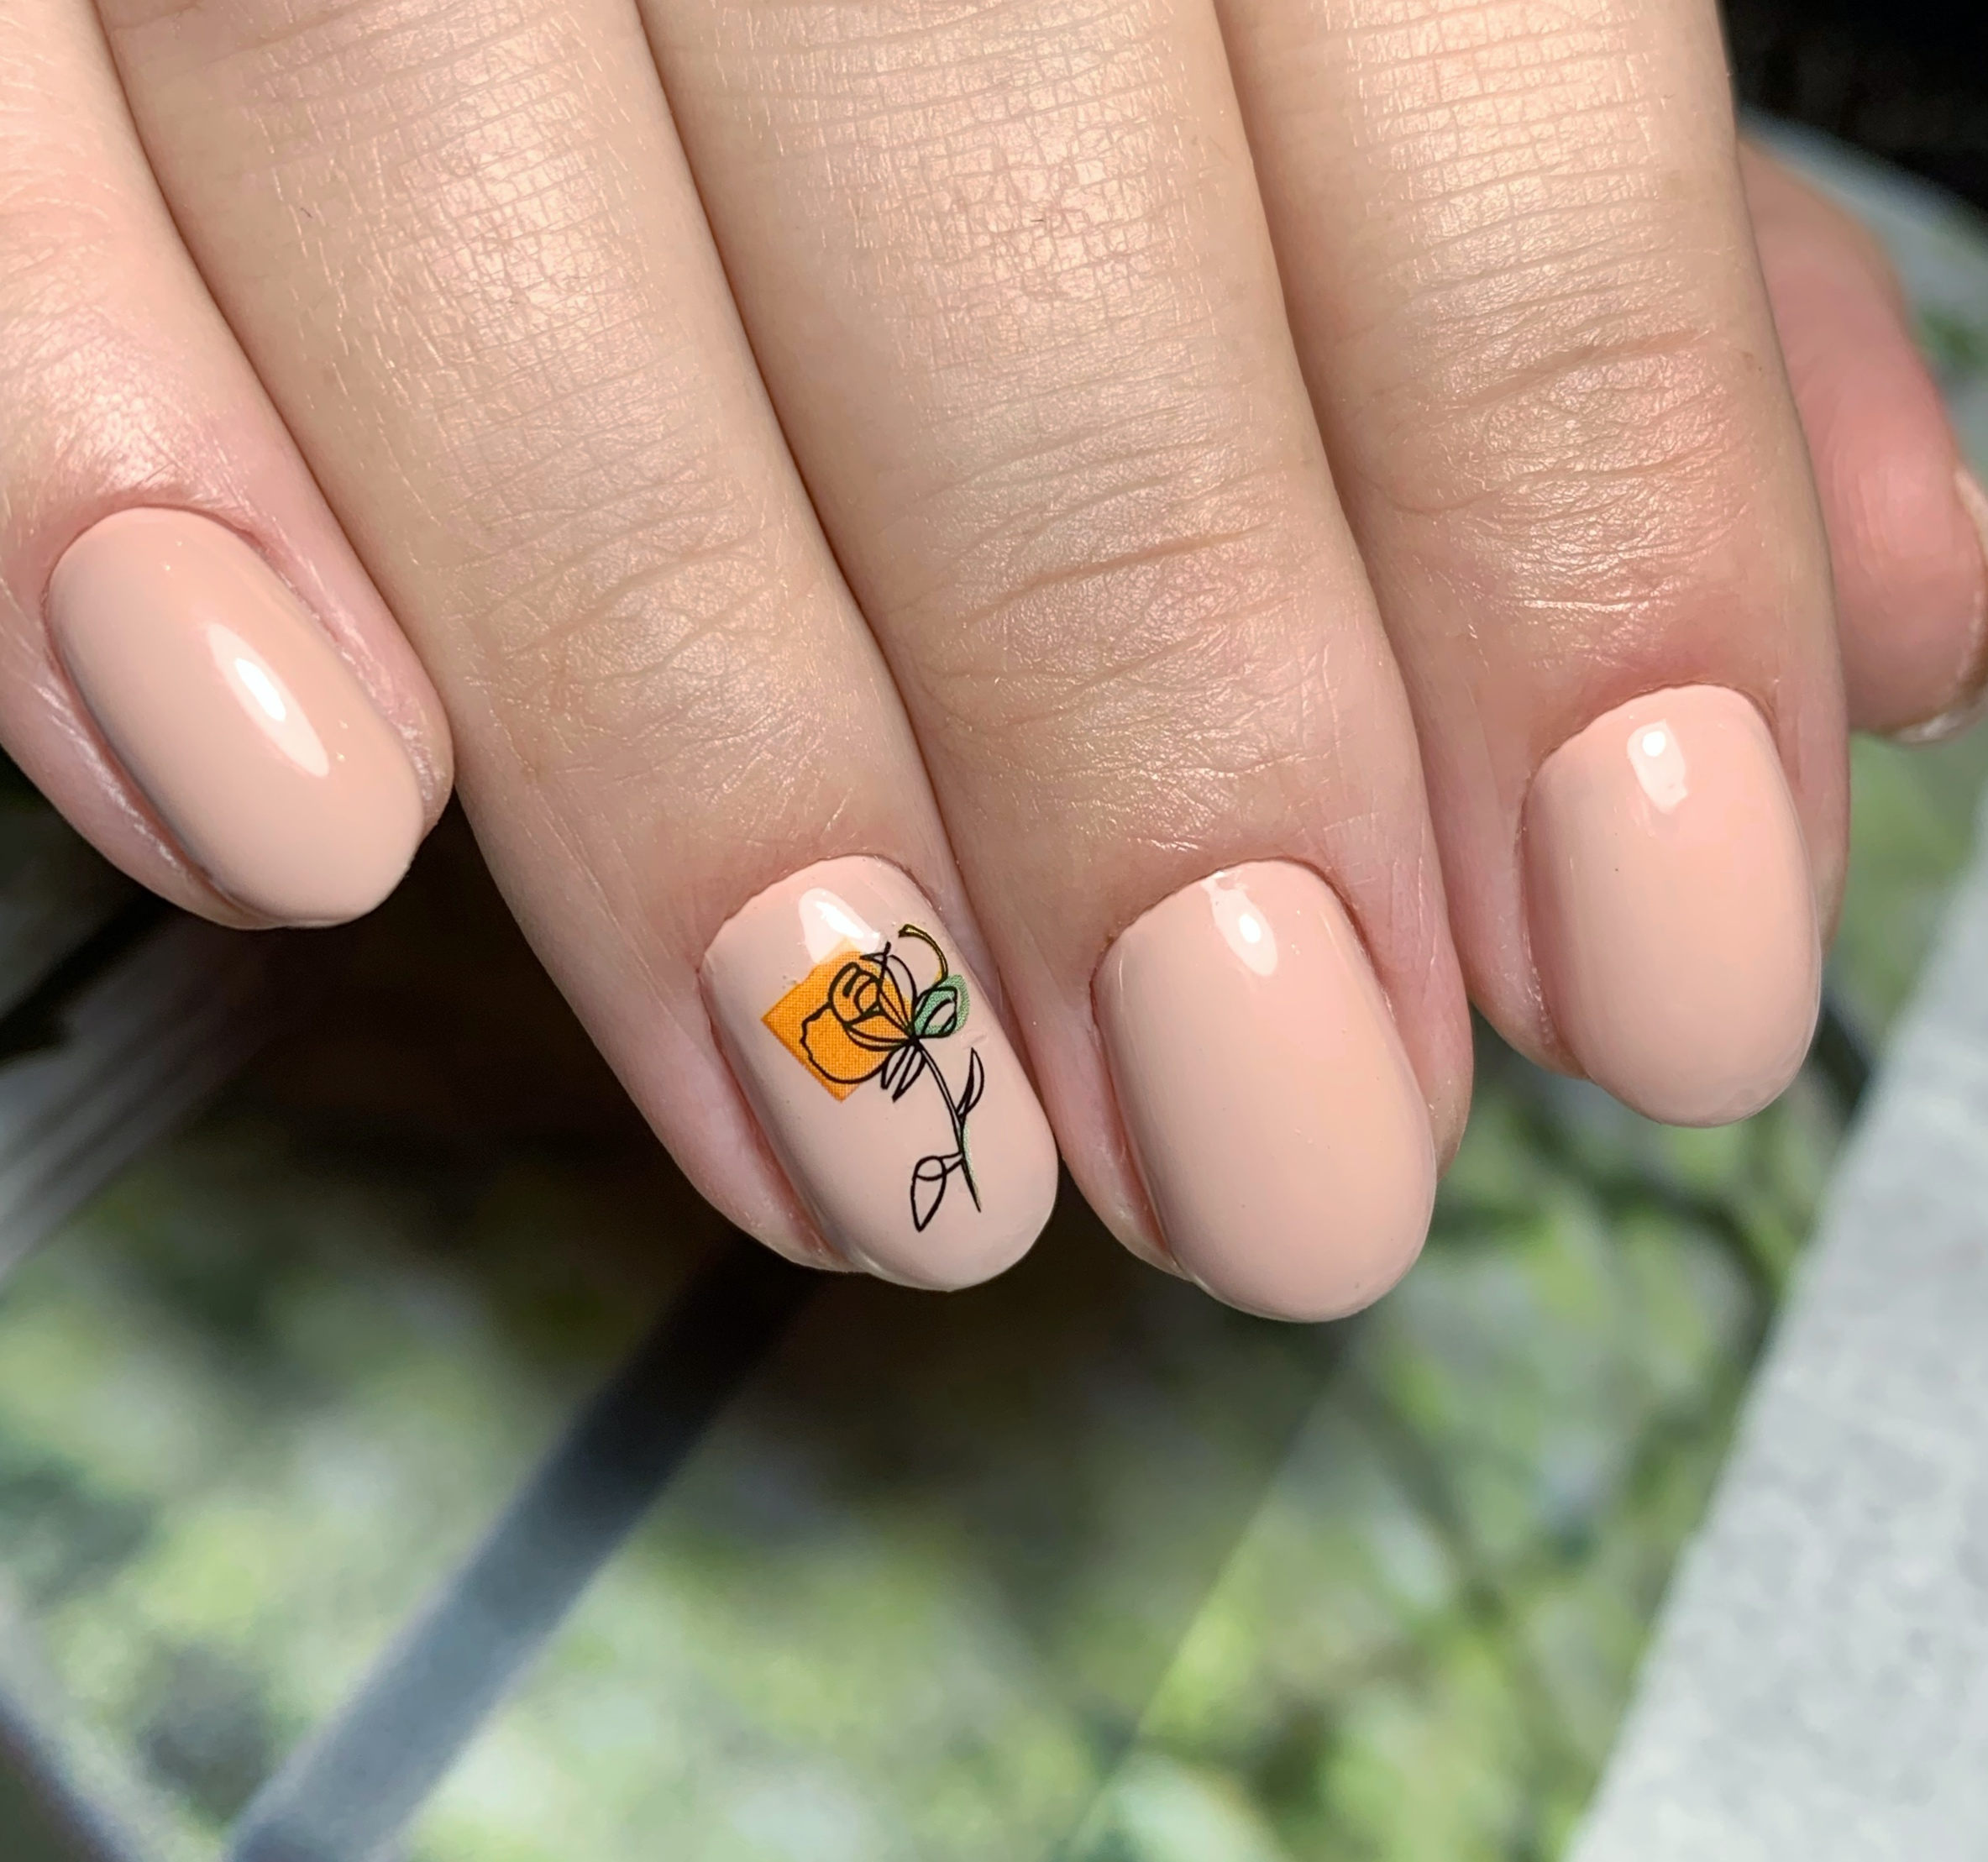 Маникюр с цветочным слайдером в персиковом цвете на короткие ногти.